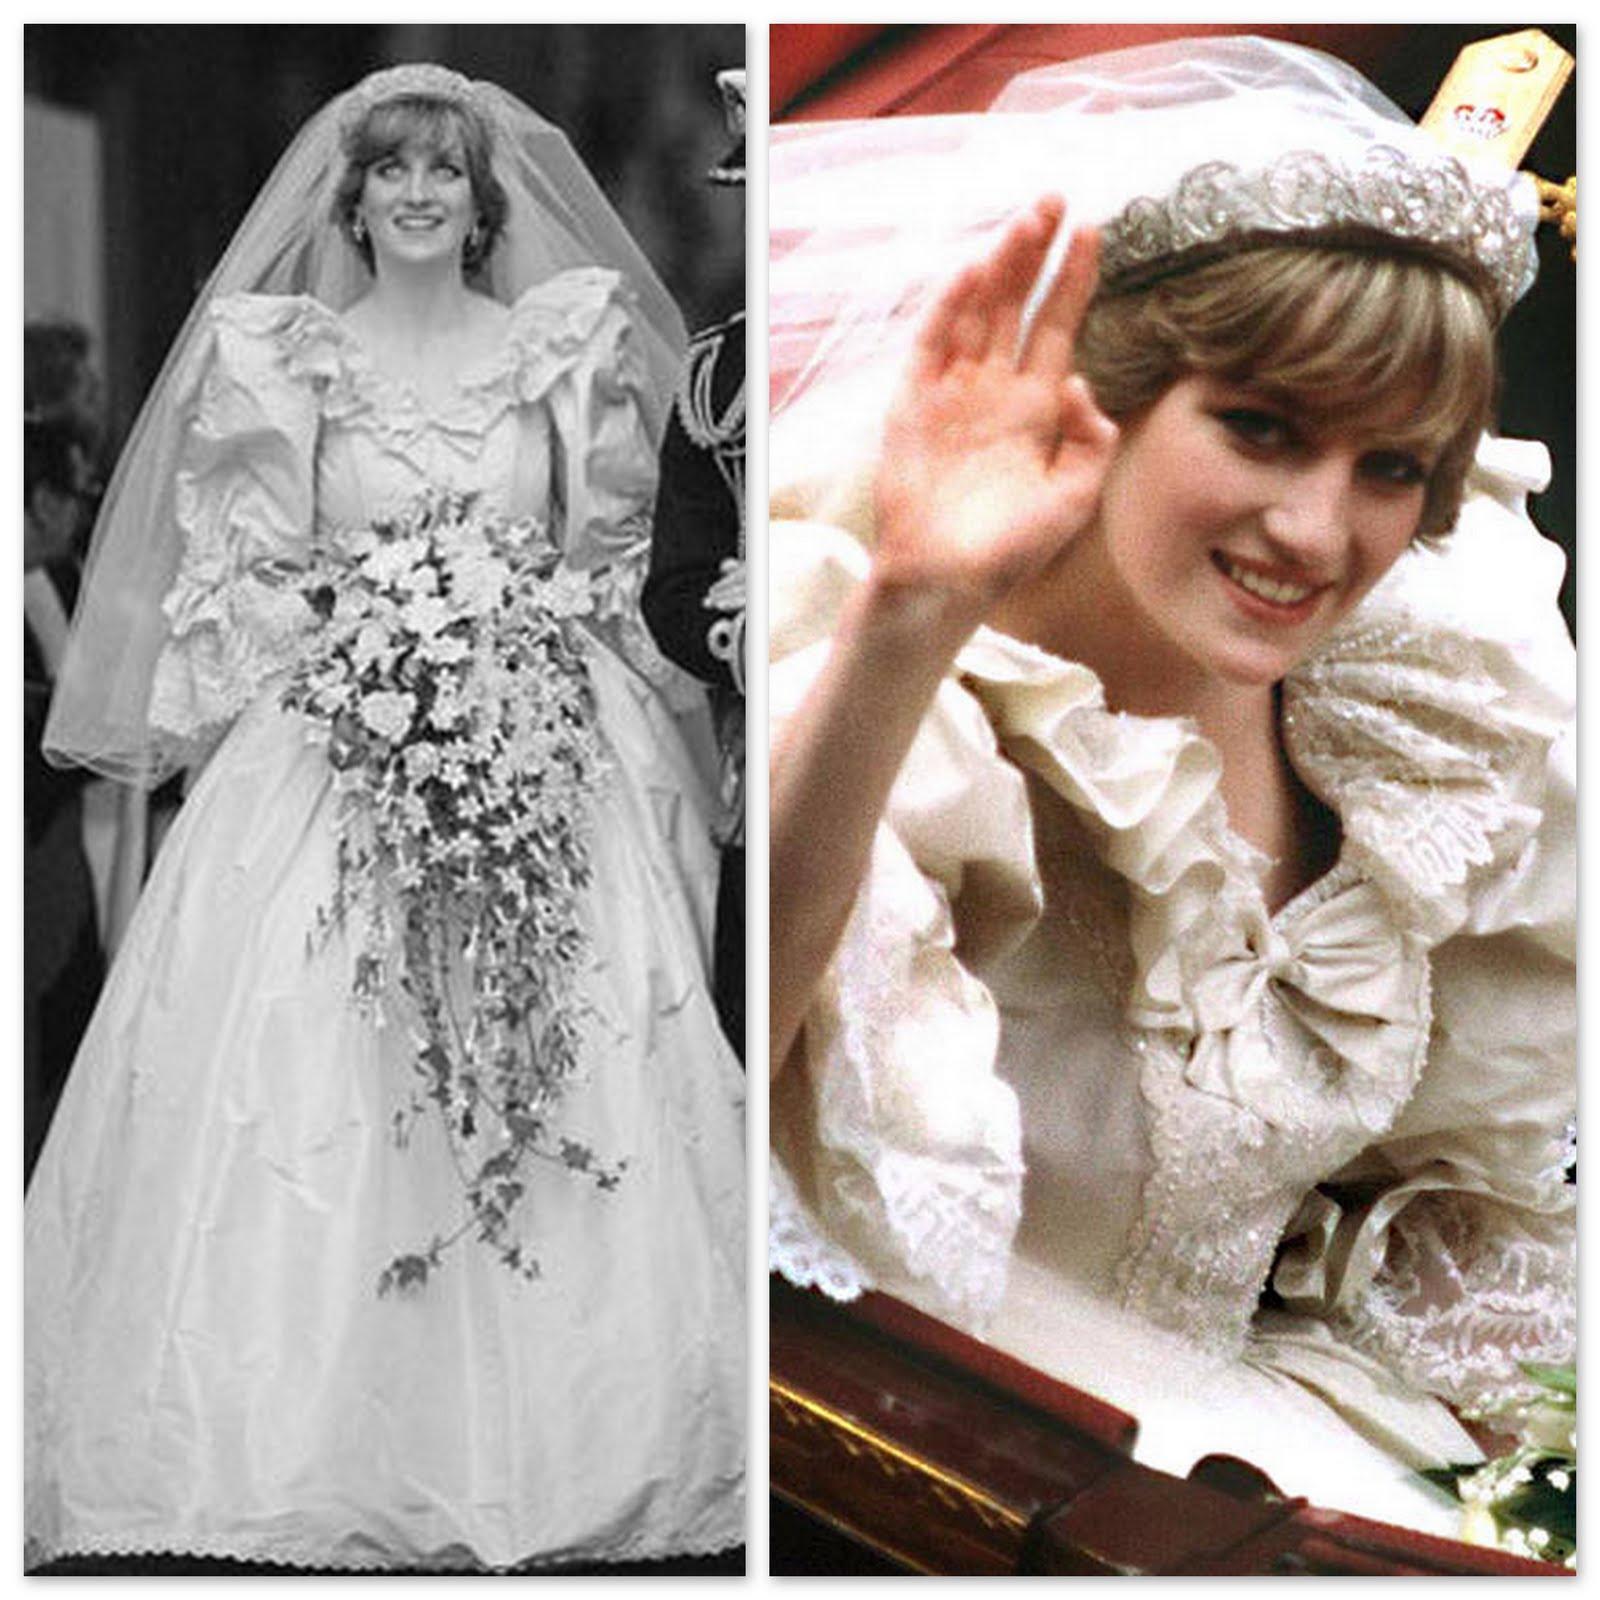 http://2.bp.blogspot.com/-rdhcSWQah98/TbmpFwtD3gI/AAAAAAAAFPo/GrSVlG5p1D4/s1600/princess+diana.jpg